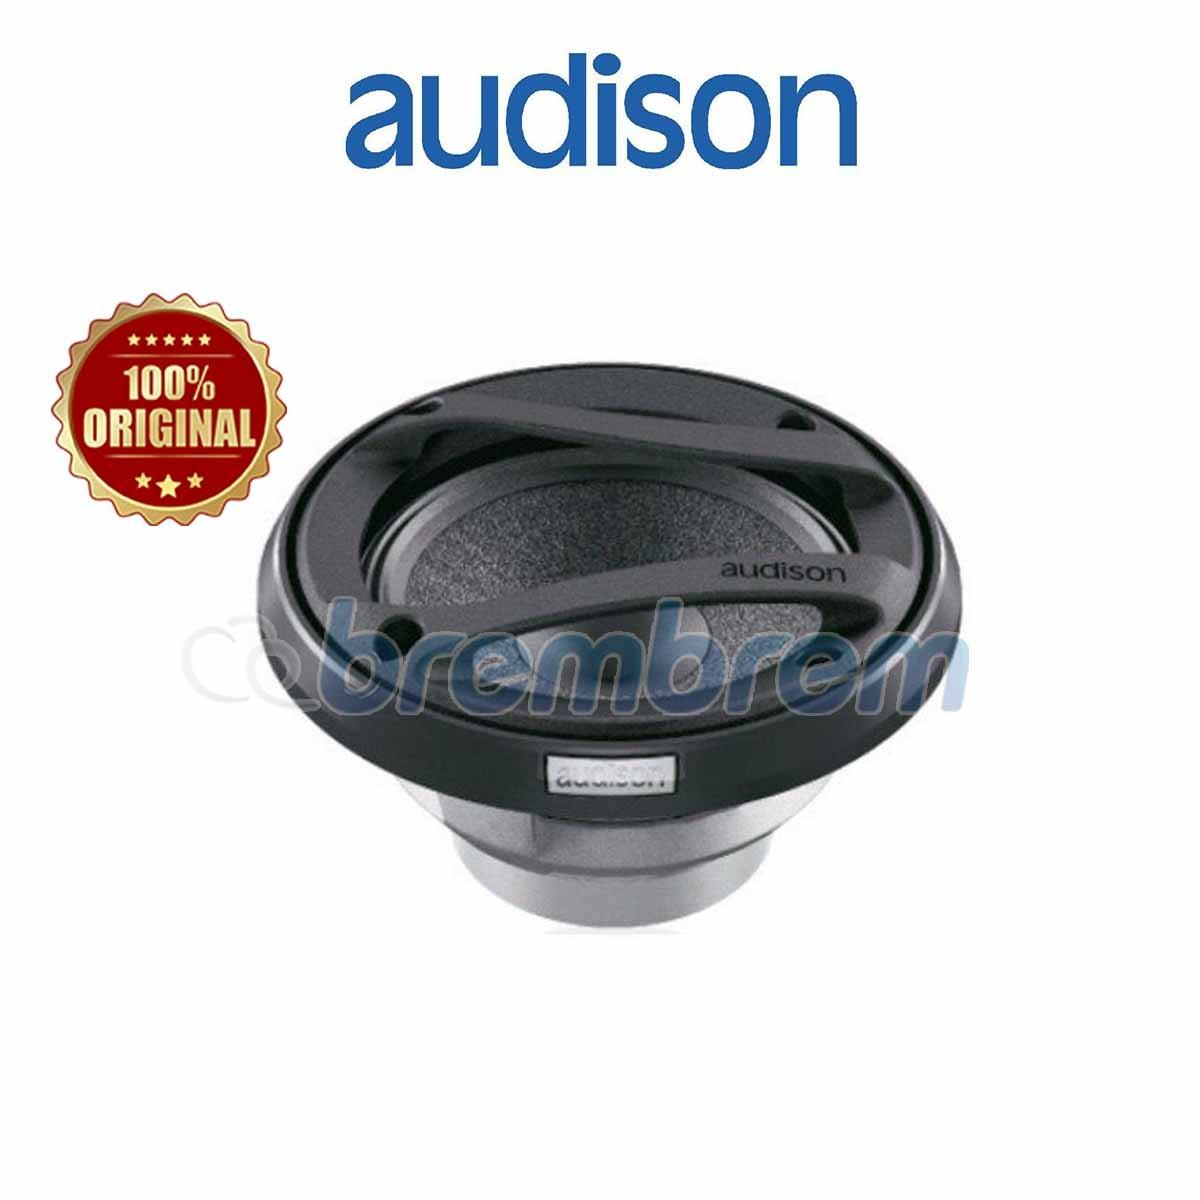 AUDISON AV 3 - SPEAKER MIDRANGE 3 INCH